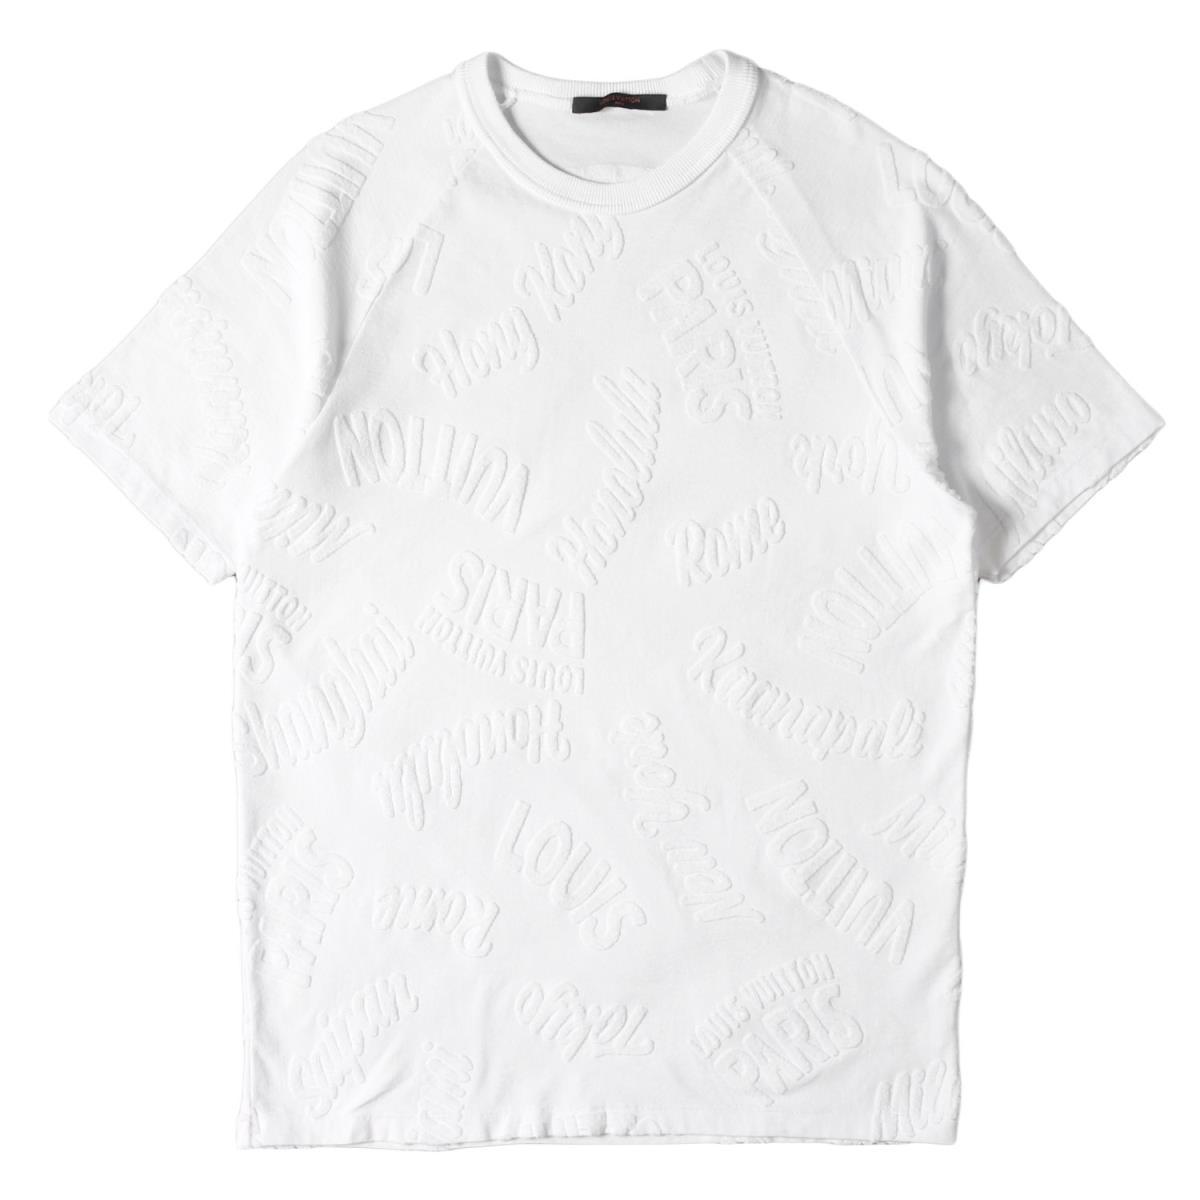 トップス, Tシャツ・カットソー LOUIS VUITTON T T 18SS L K2976